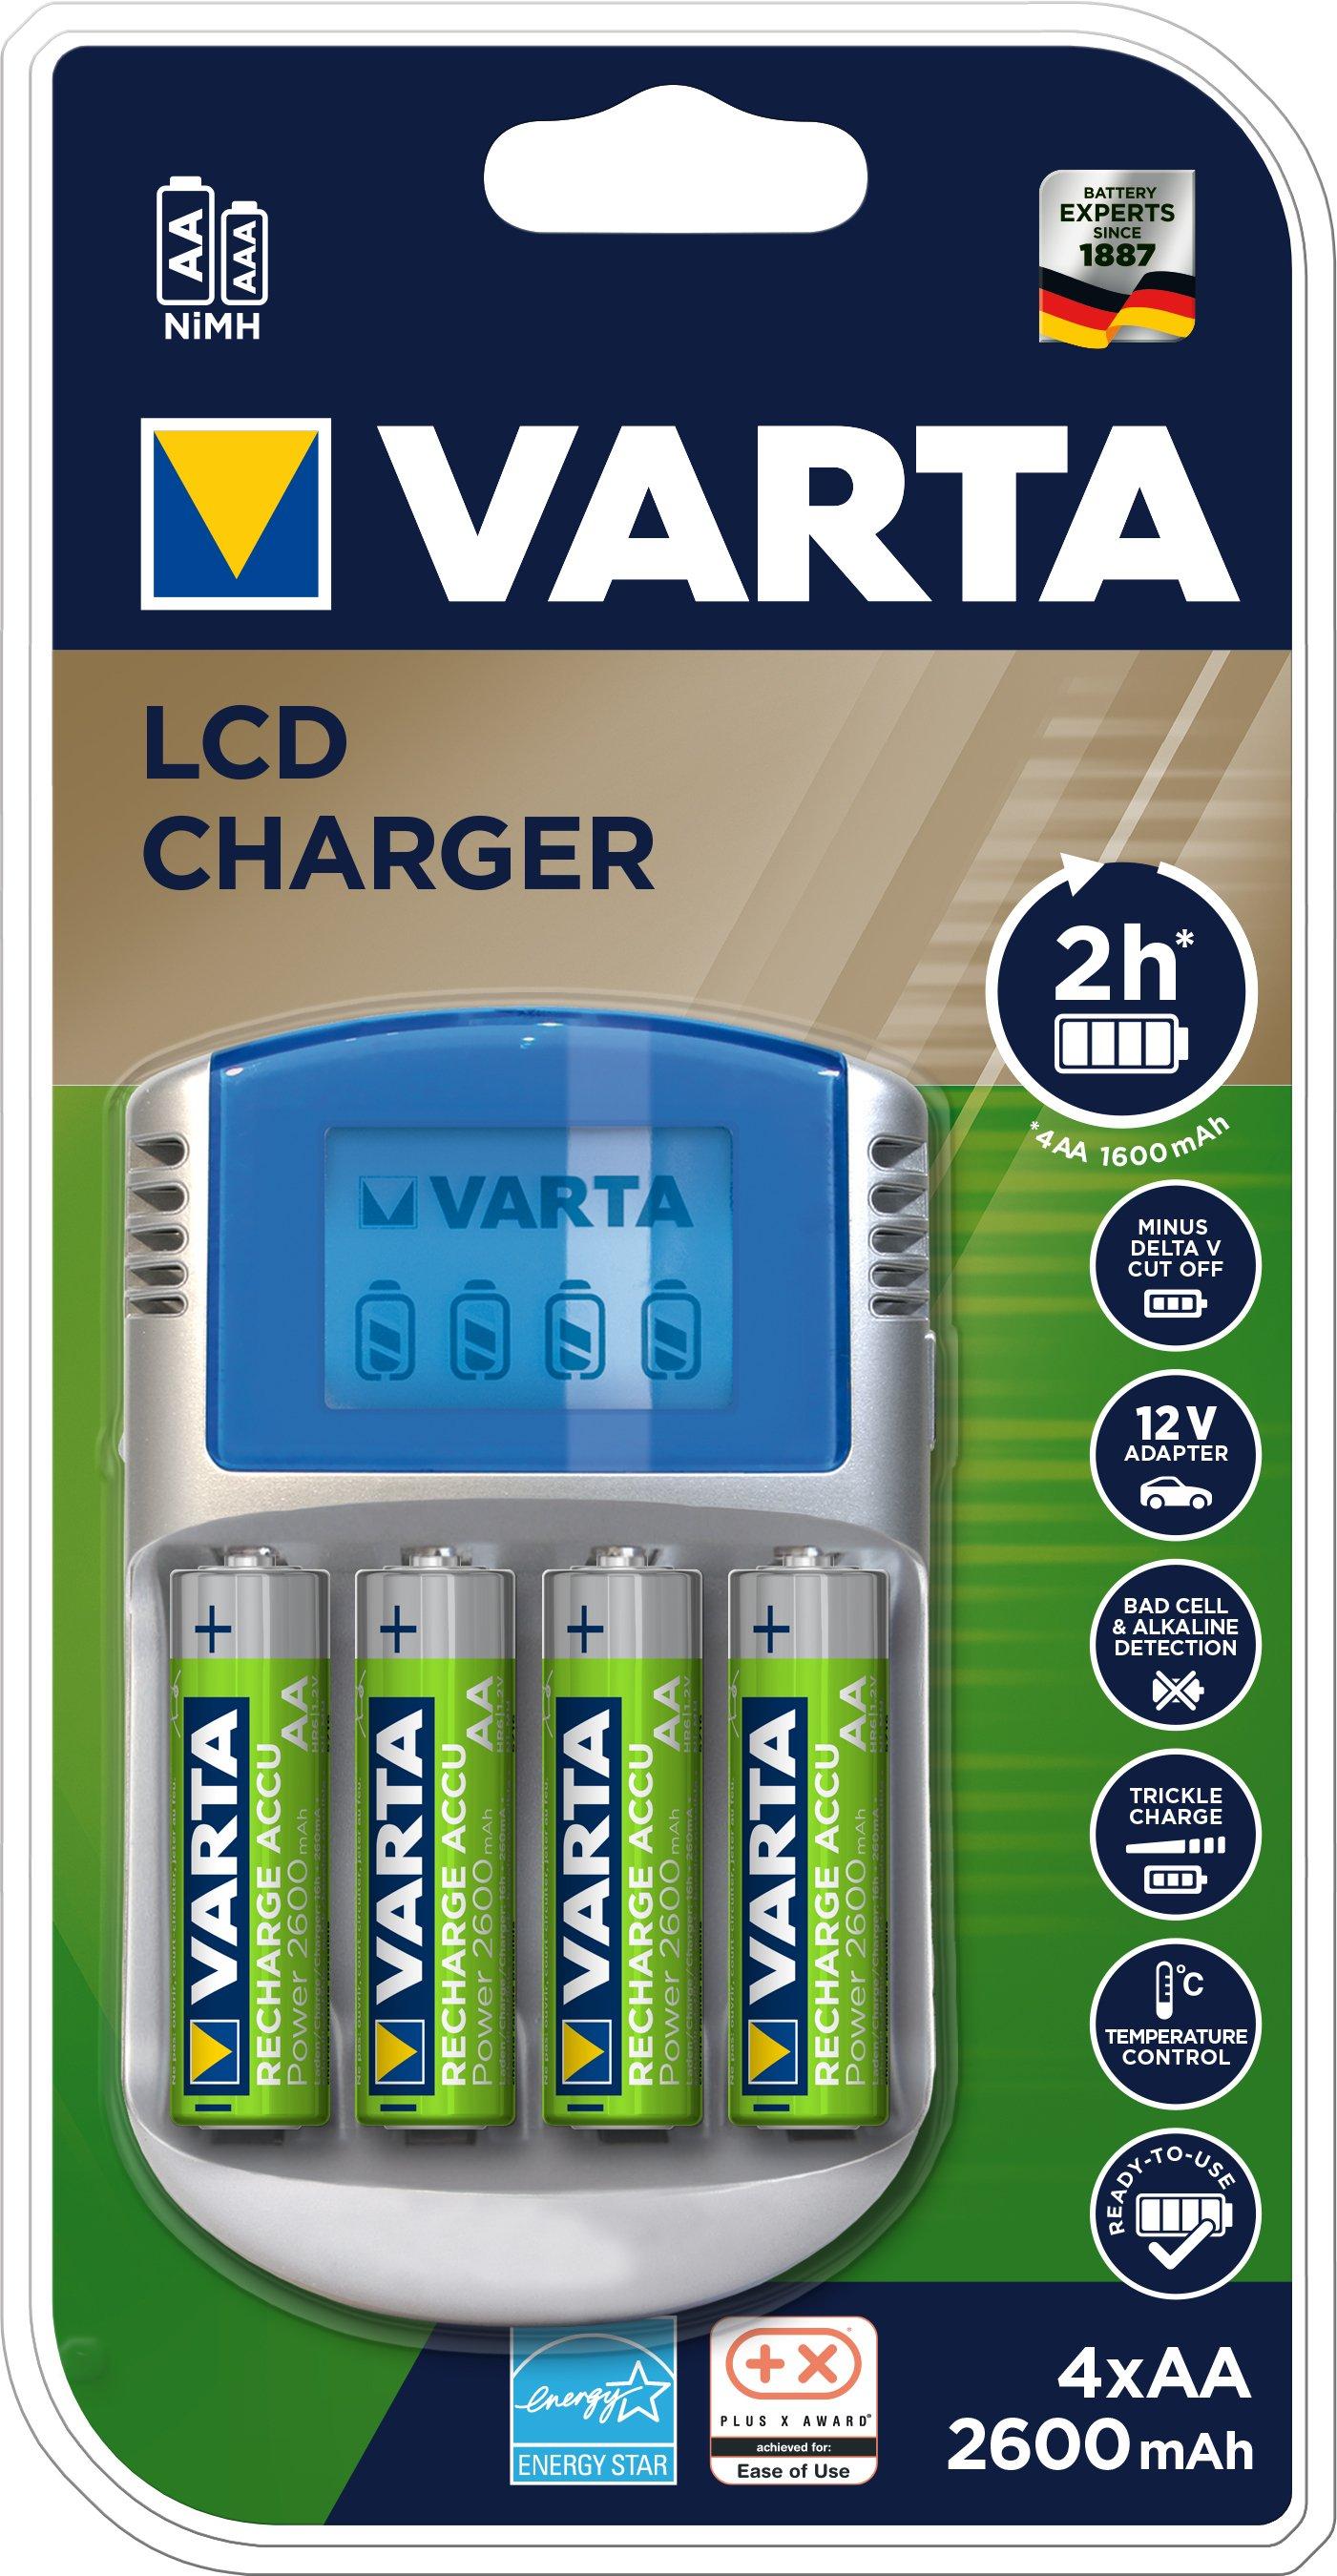 VARTA LCD batterioplader